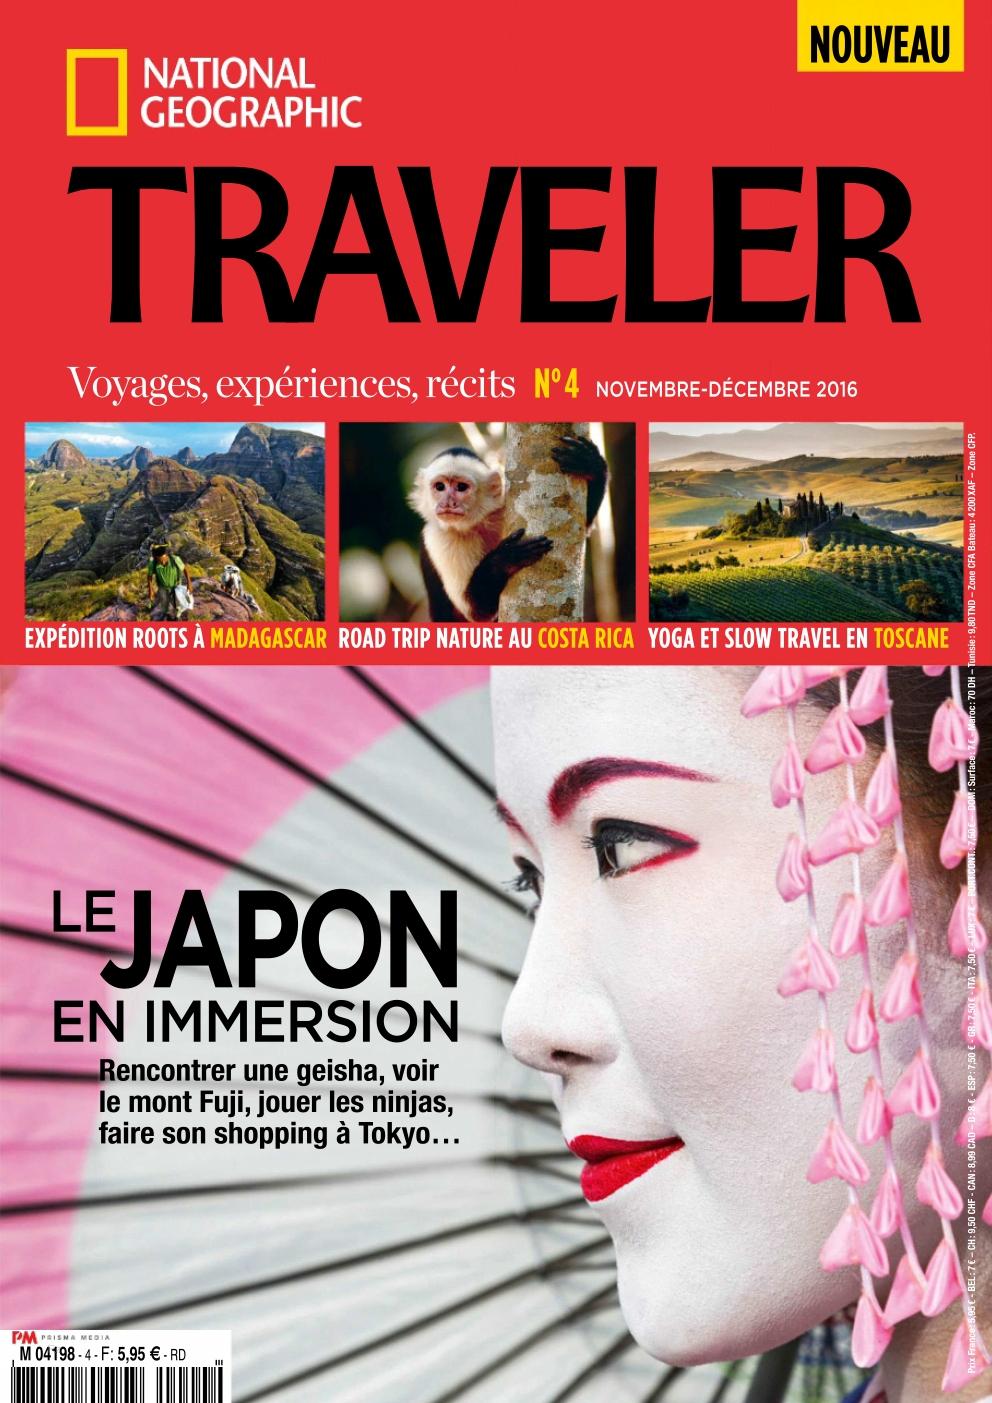 National Geographic Traveler N°4 - Novembre/Décembre 2016